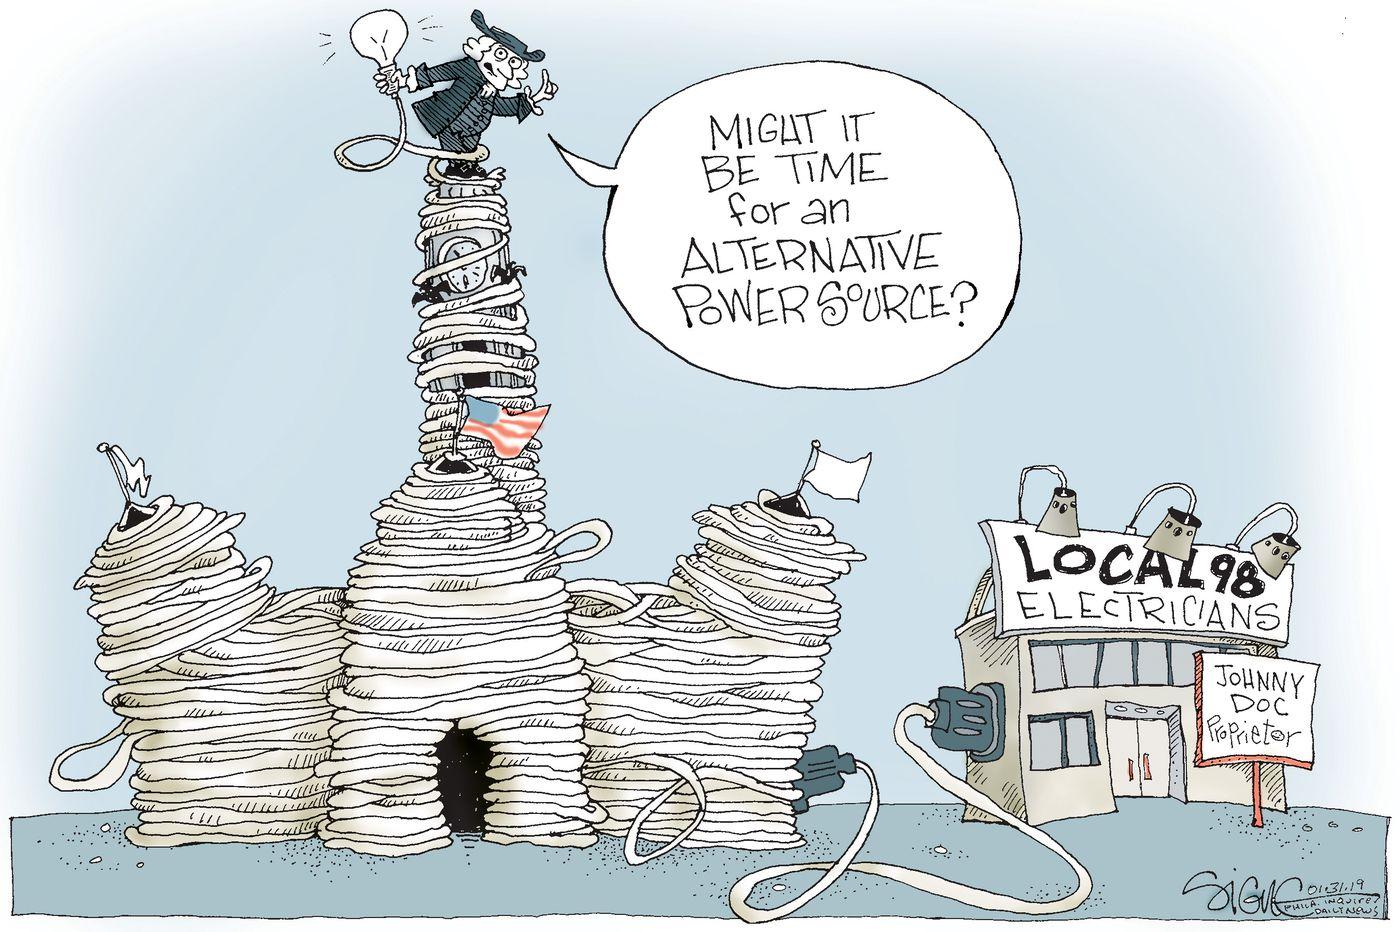 Johnny Doc's City Hall